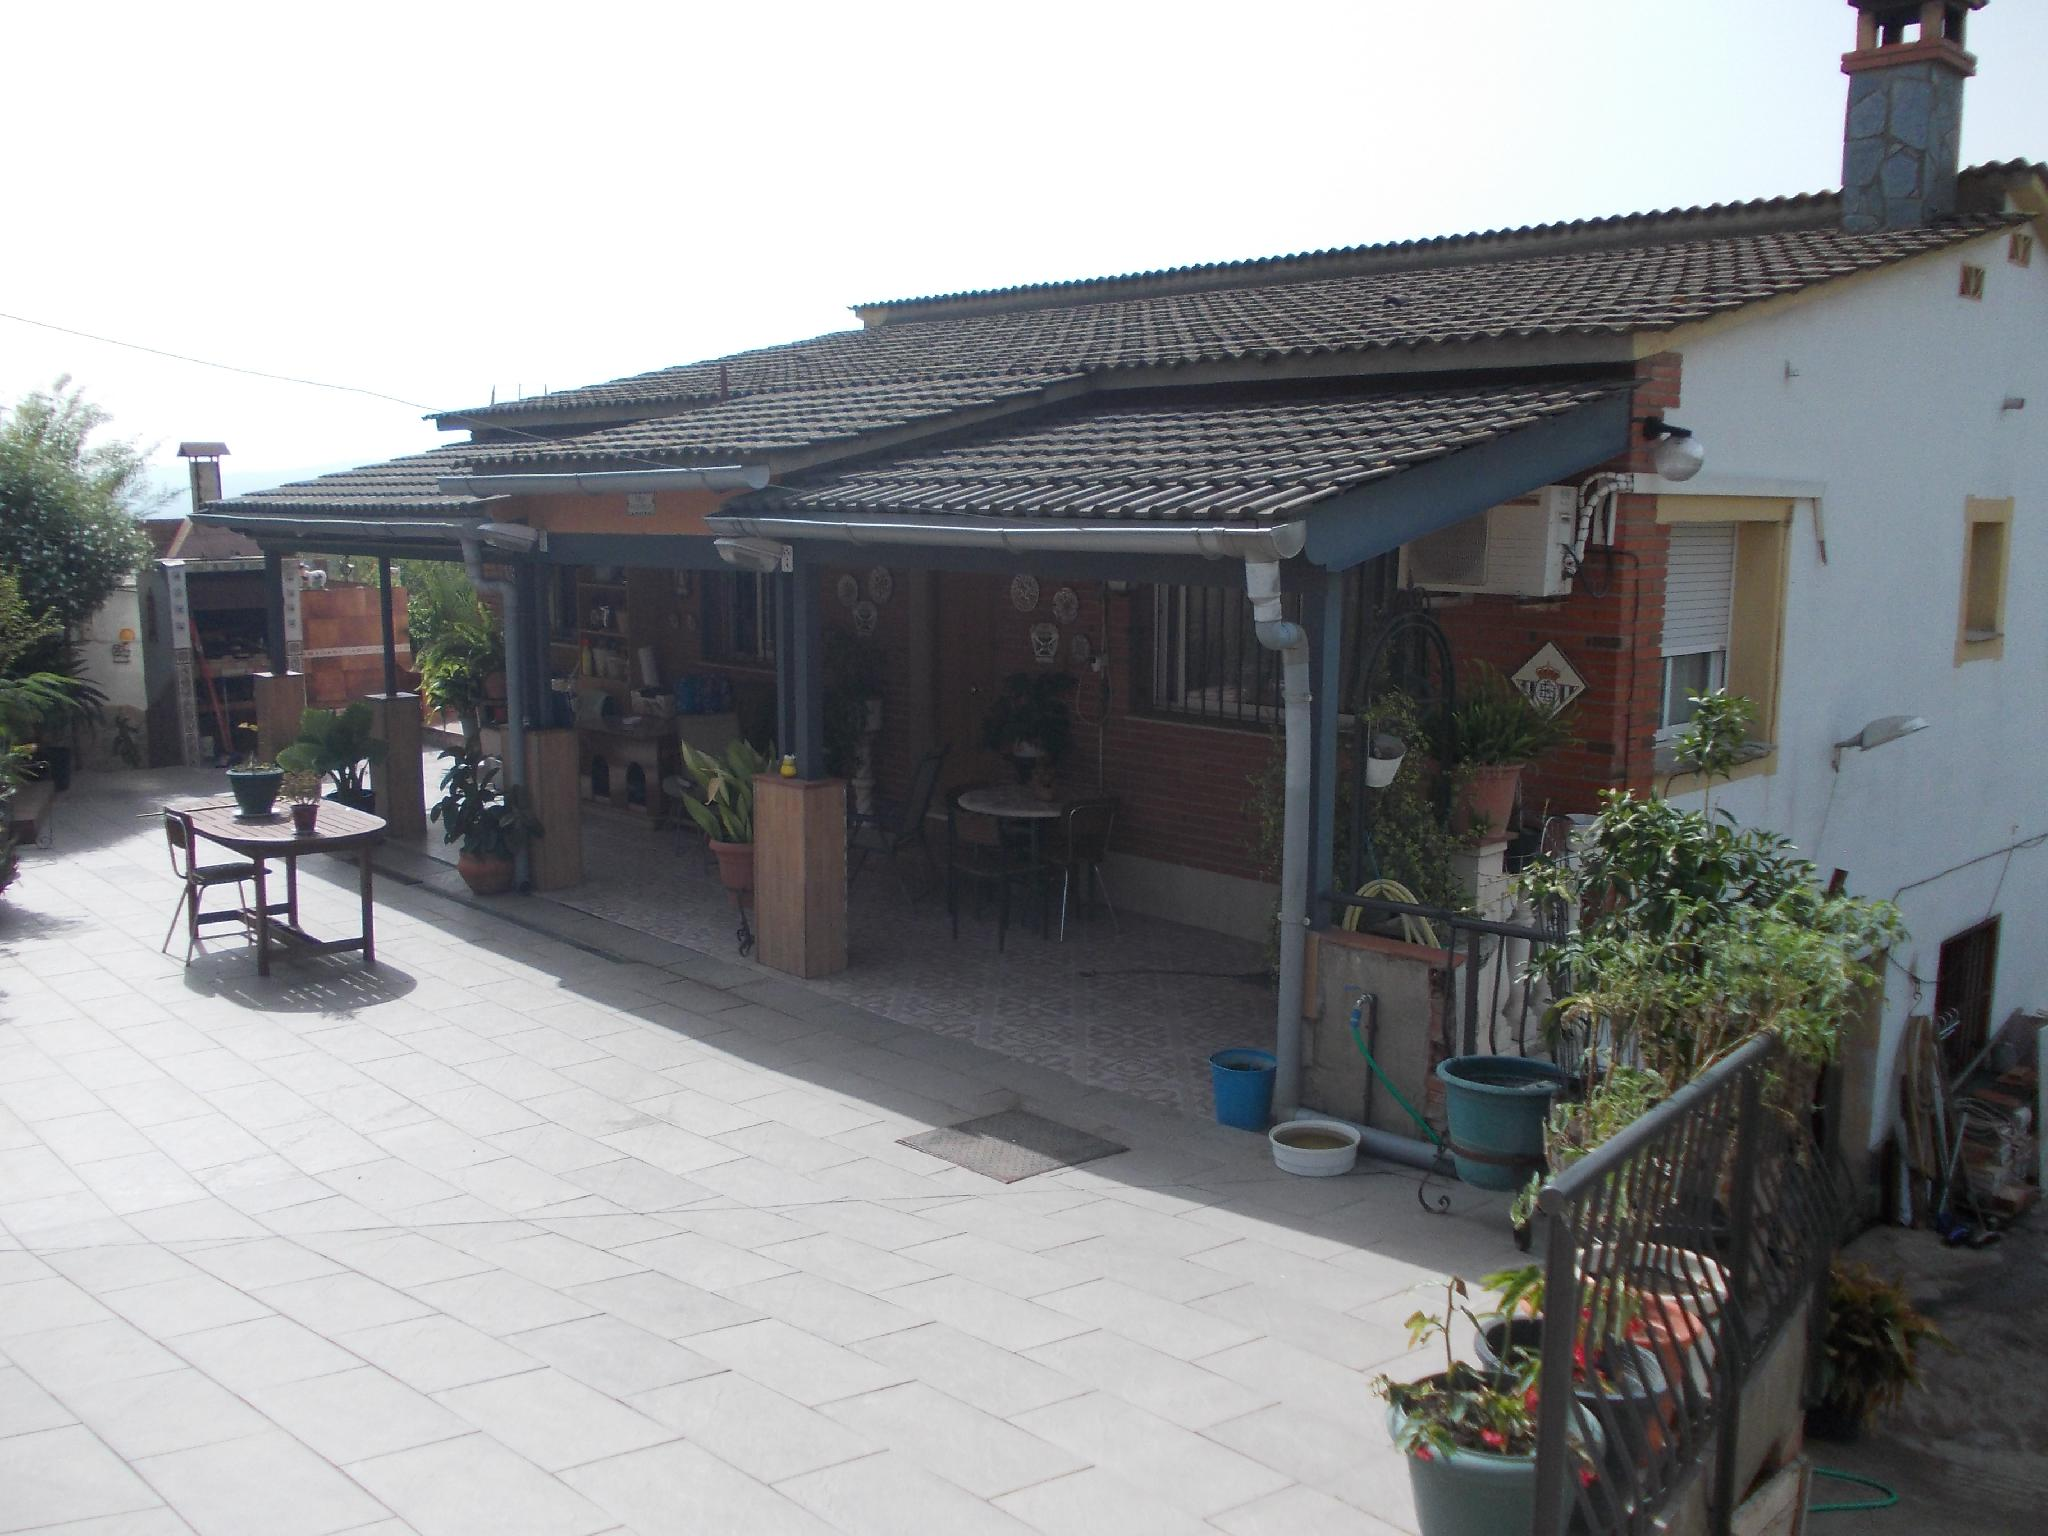 125419 - Muy cercano al pueblo en San Muç